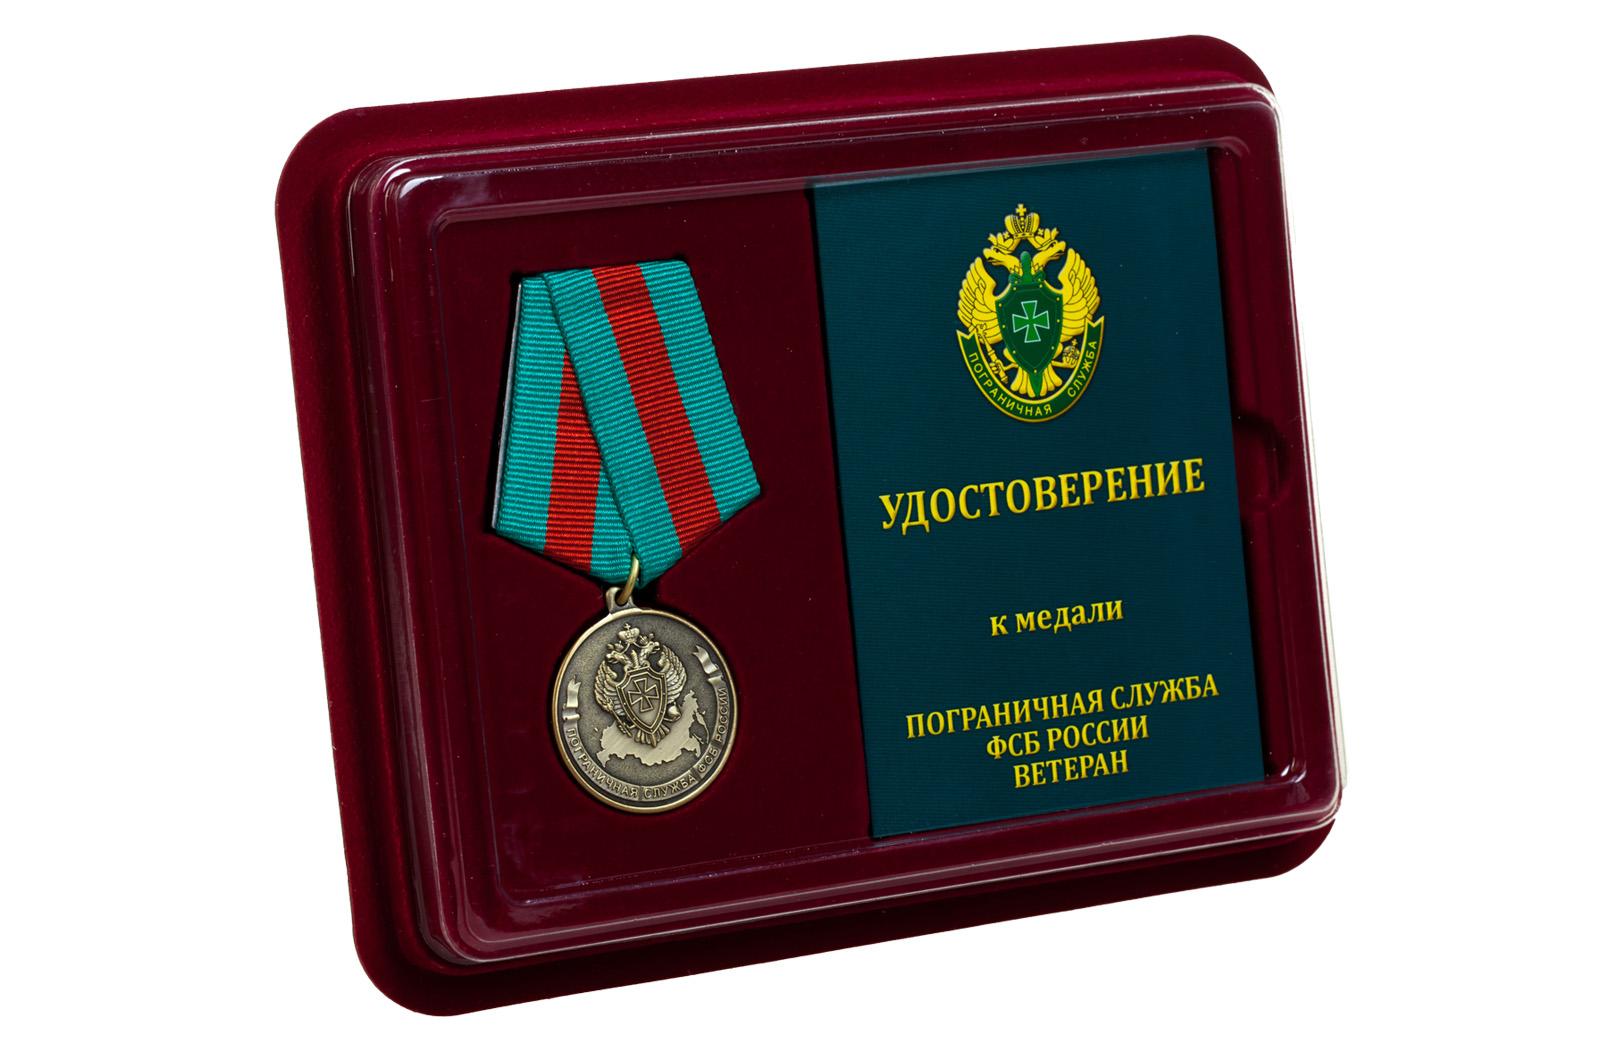 Купить медаль Ветеран Погранслужбы ФСБ России оптом или в розницу